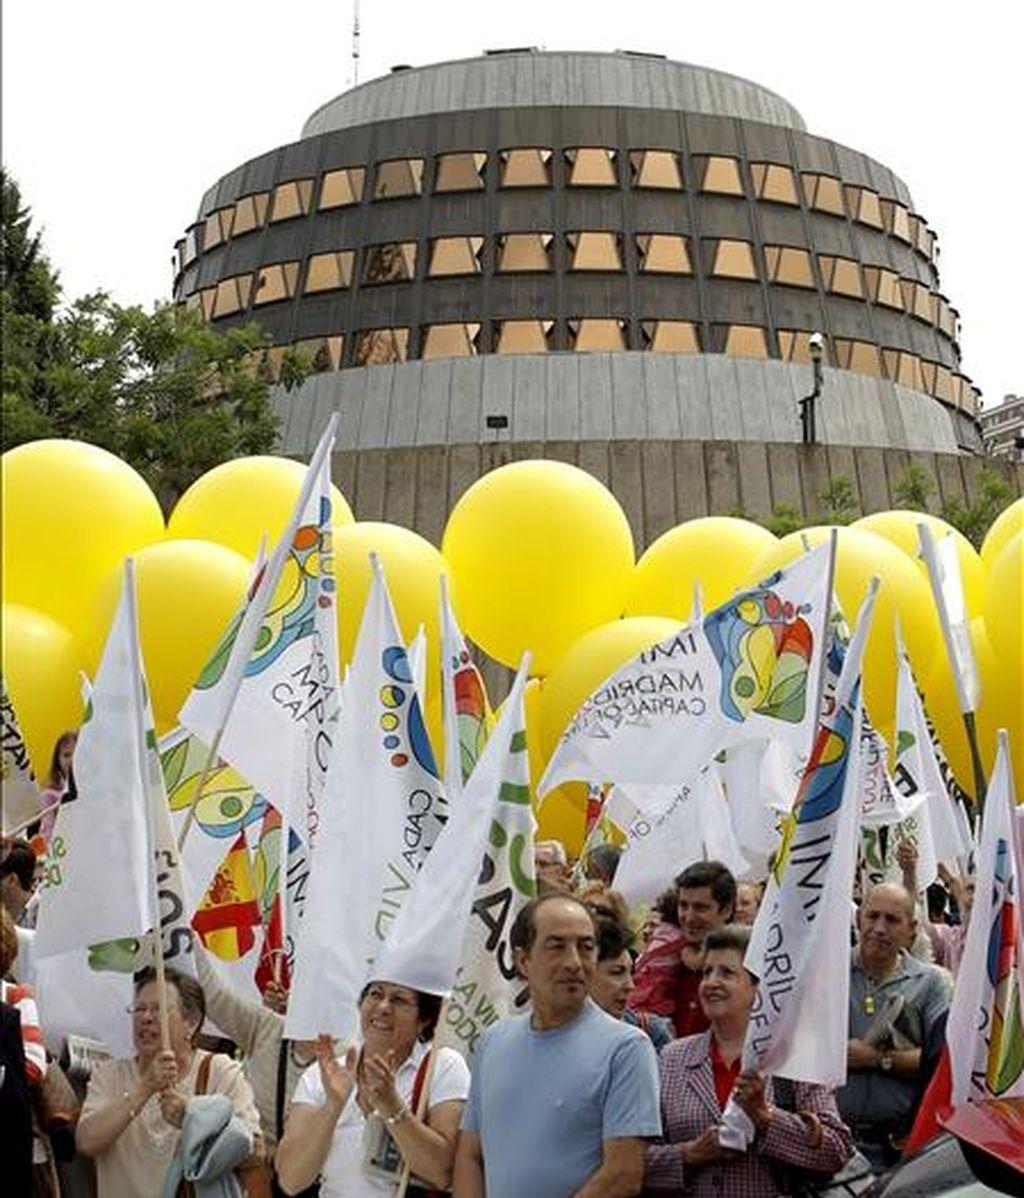 Cientos de personas, convocadas por distintas organizaciones antiabortistas, durante una concentración ayer frente a la sede del Tribunal Constitucional para rechazar la ley del aborto, vigente desde hace 25 años, y la reforma de la misma, que entrará en vigor este lunes. EFE